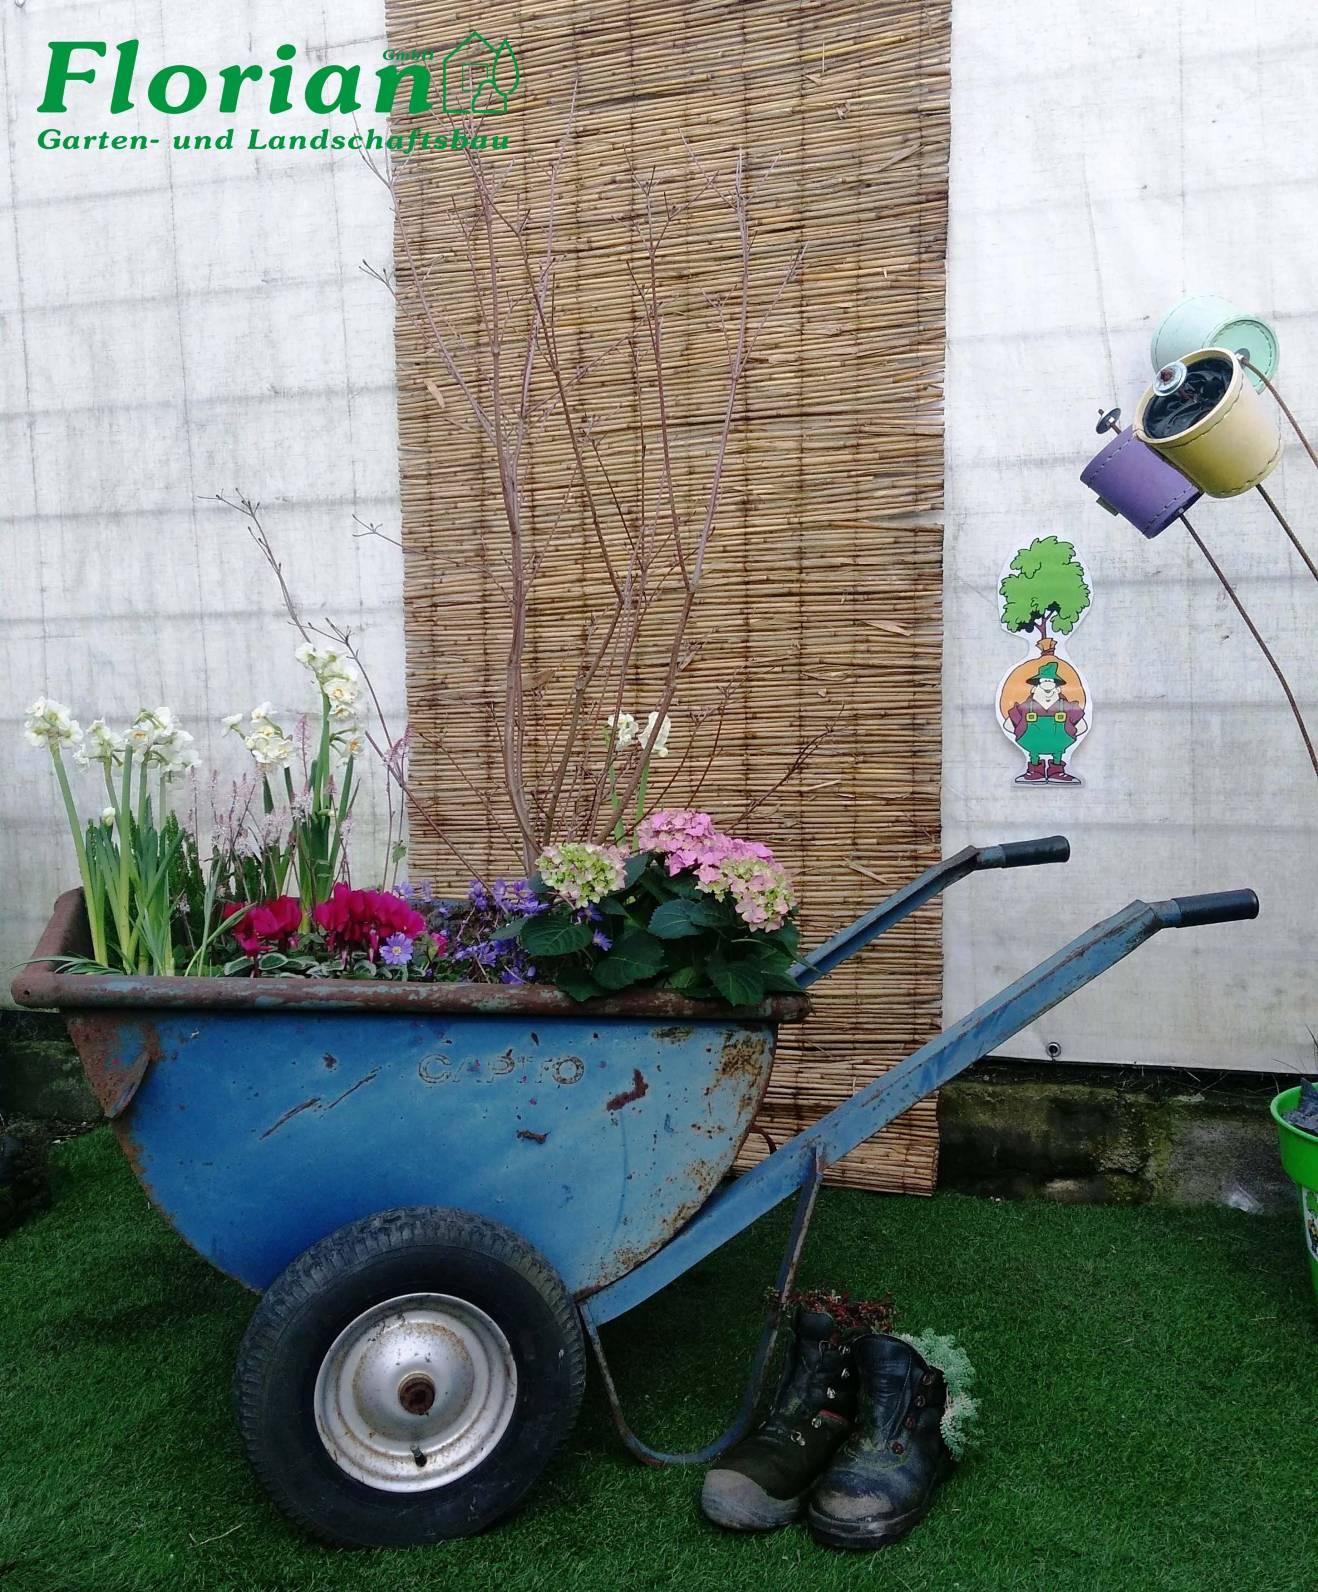 Florian gmbh garten und ladschaftsbau h rth for Pflanzengestaltung garten